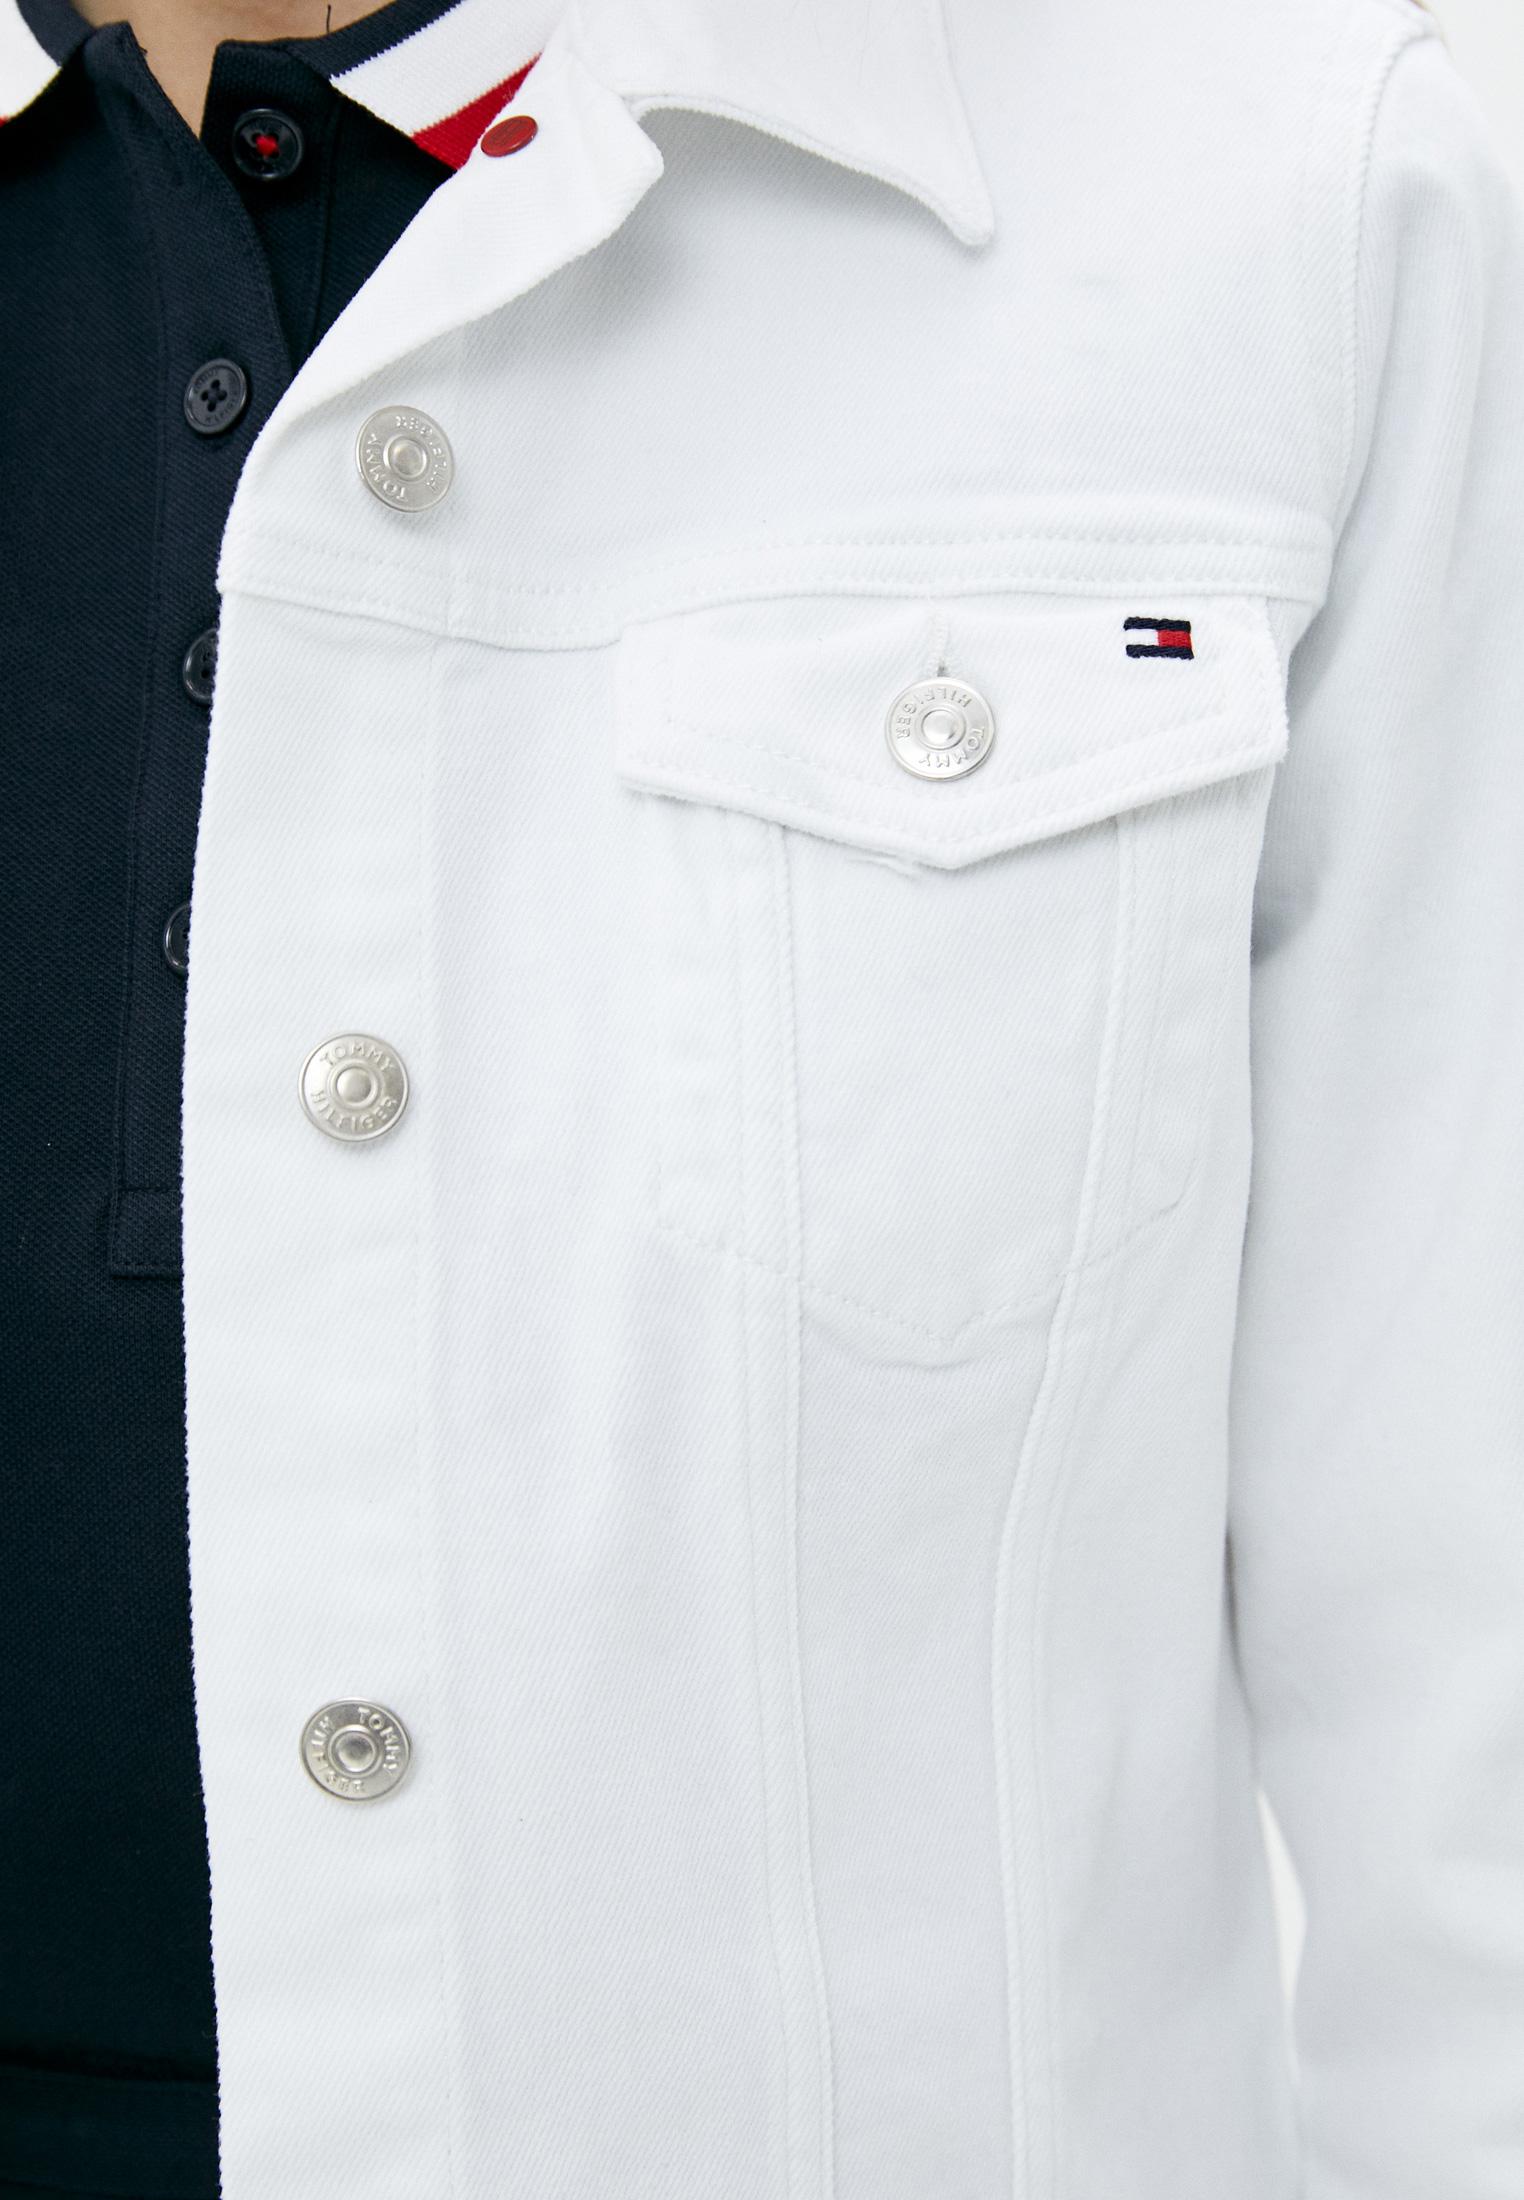 Джинсовая куртка Tommy Hilfiger (Томми Хилфигер) WW0WW30613: изображение 4